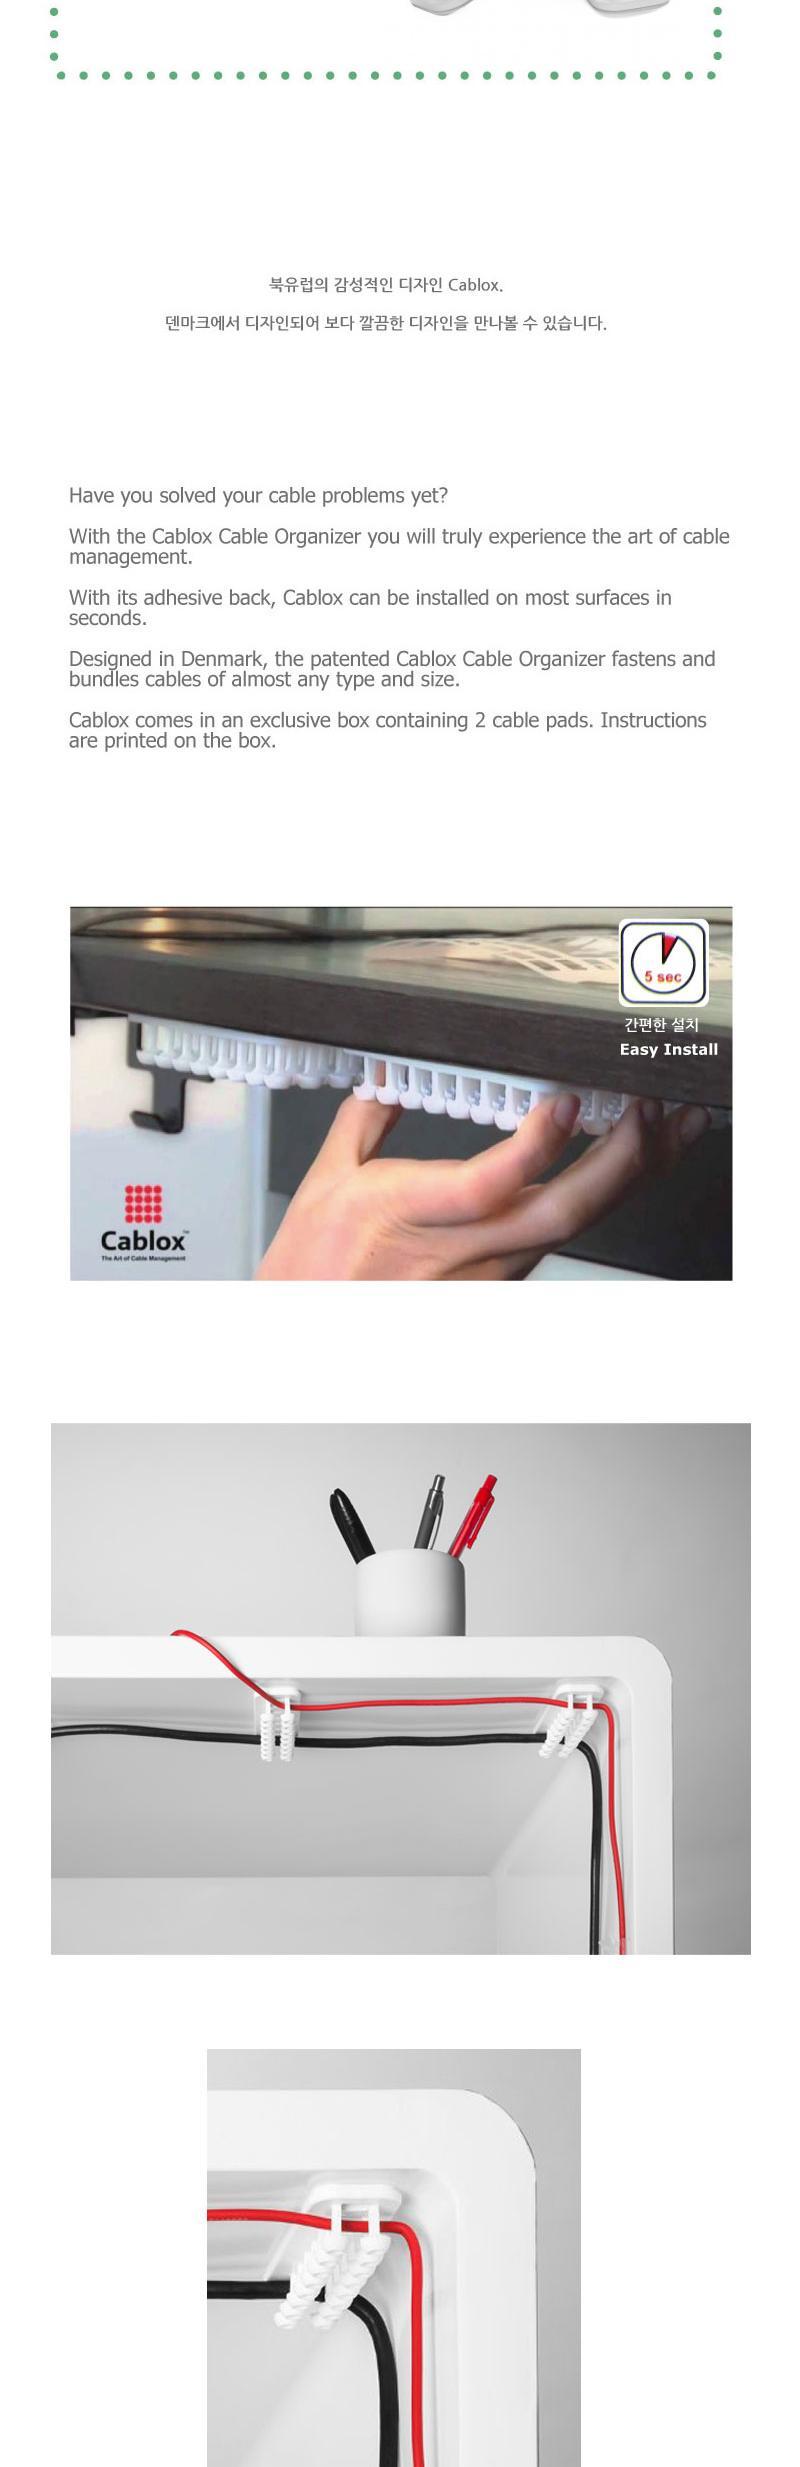 Cablox 미니 케이블선 정리 케이블정리 클립 선정리케이블 컴퓨터전선정리 케이블고정 케이블정리기 TV선정리 전선정리용품